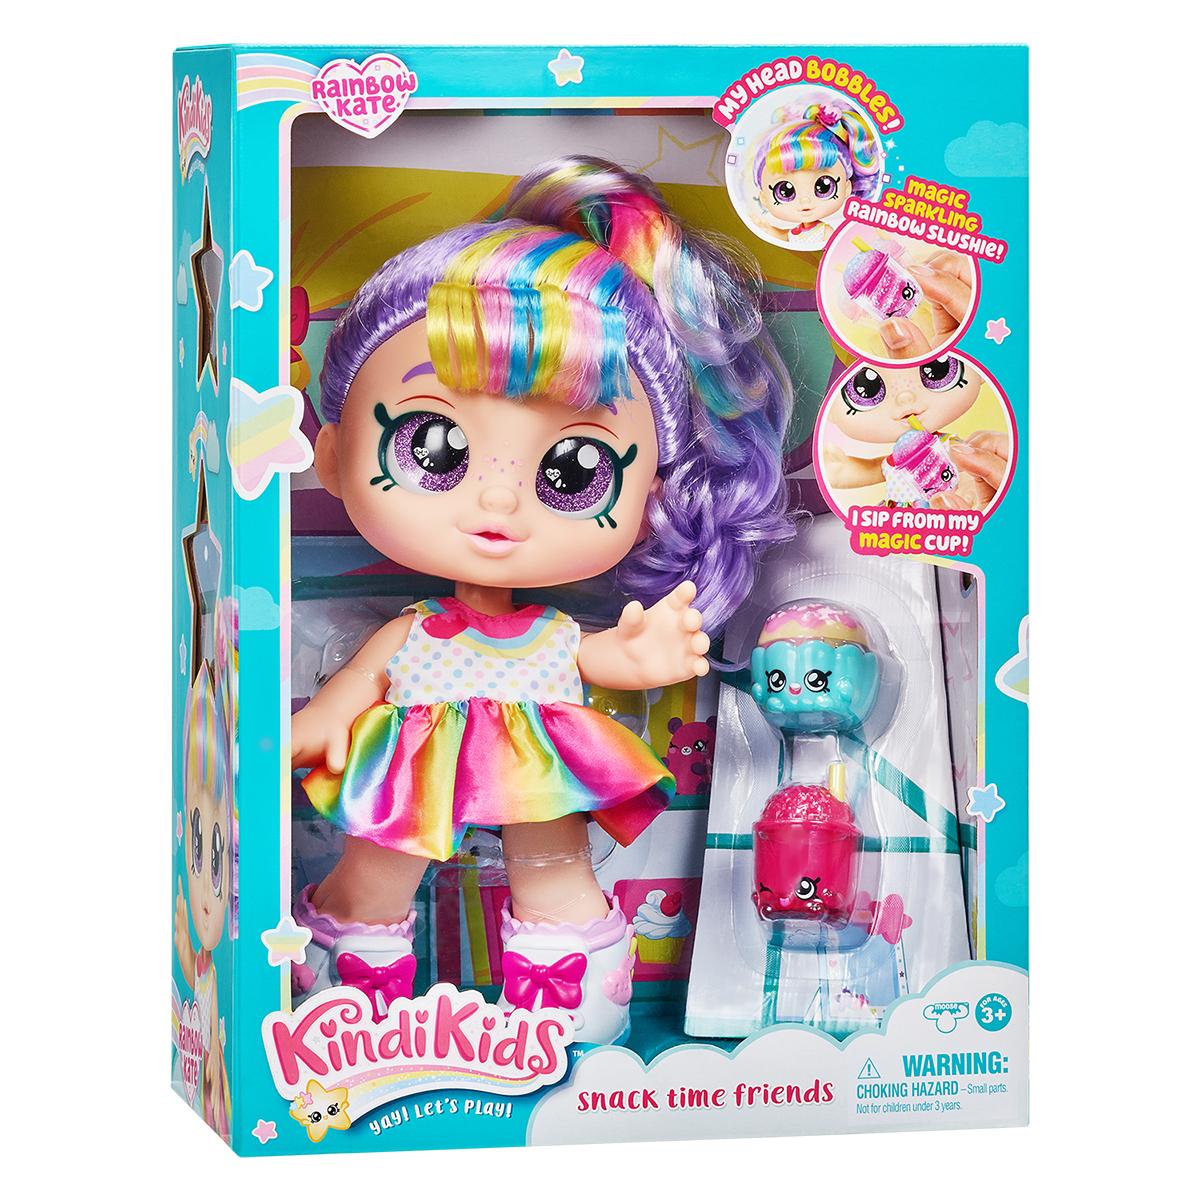 Papusa cu accesorii Kindi Kids, Rainbow Kate